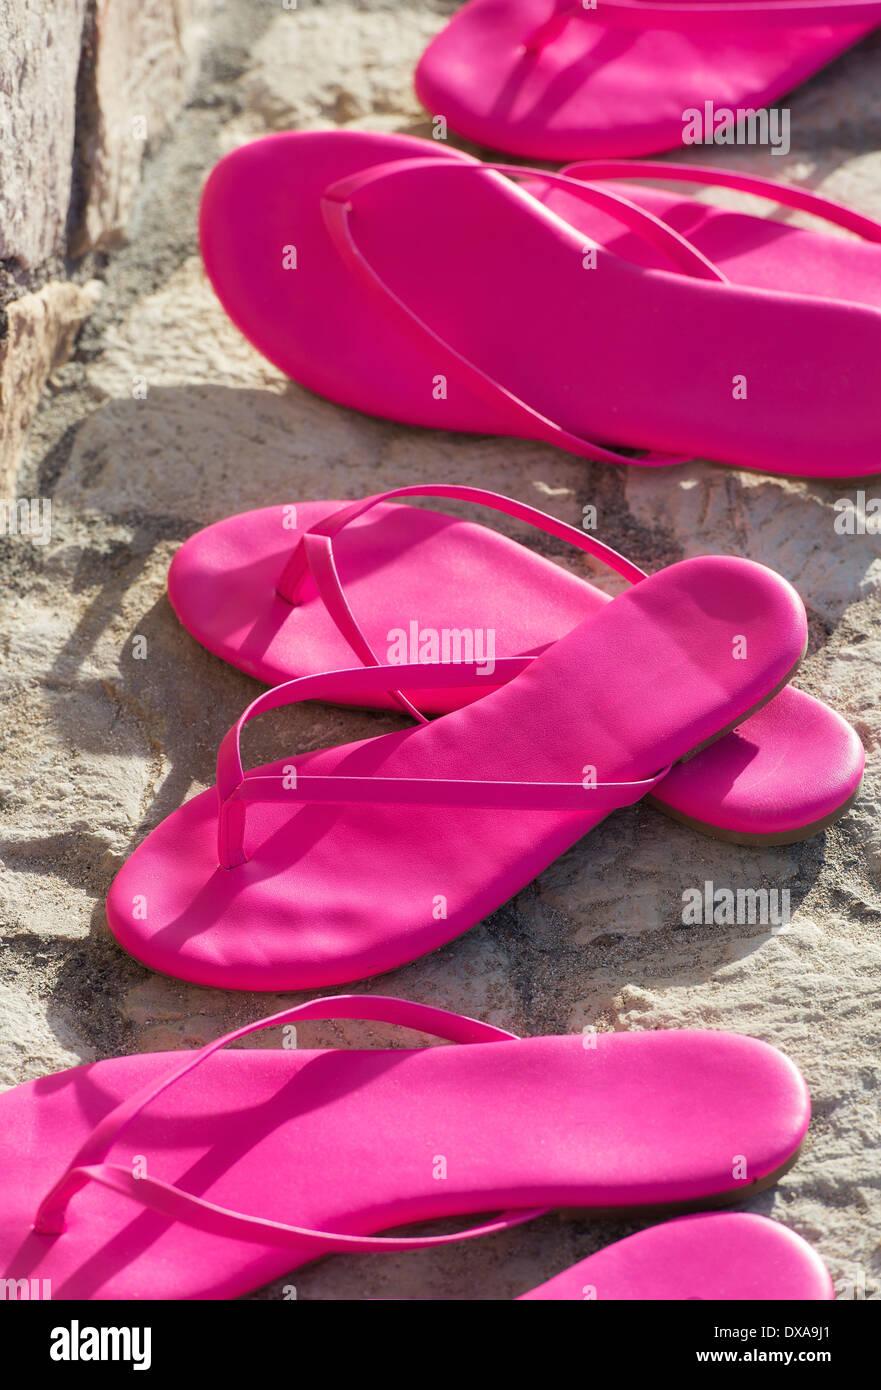 Les paires de sandales rose chaud. Photo Stock